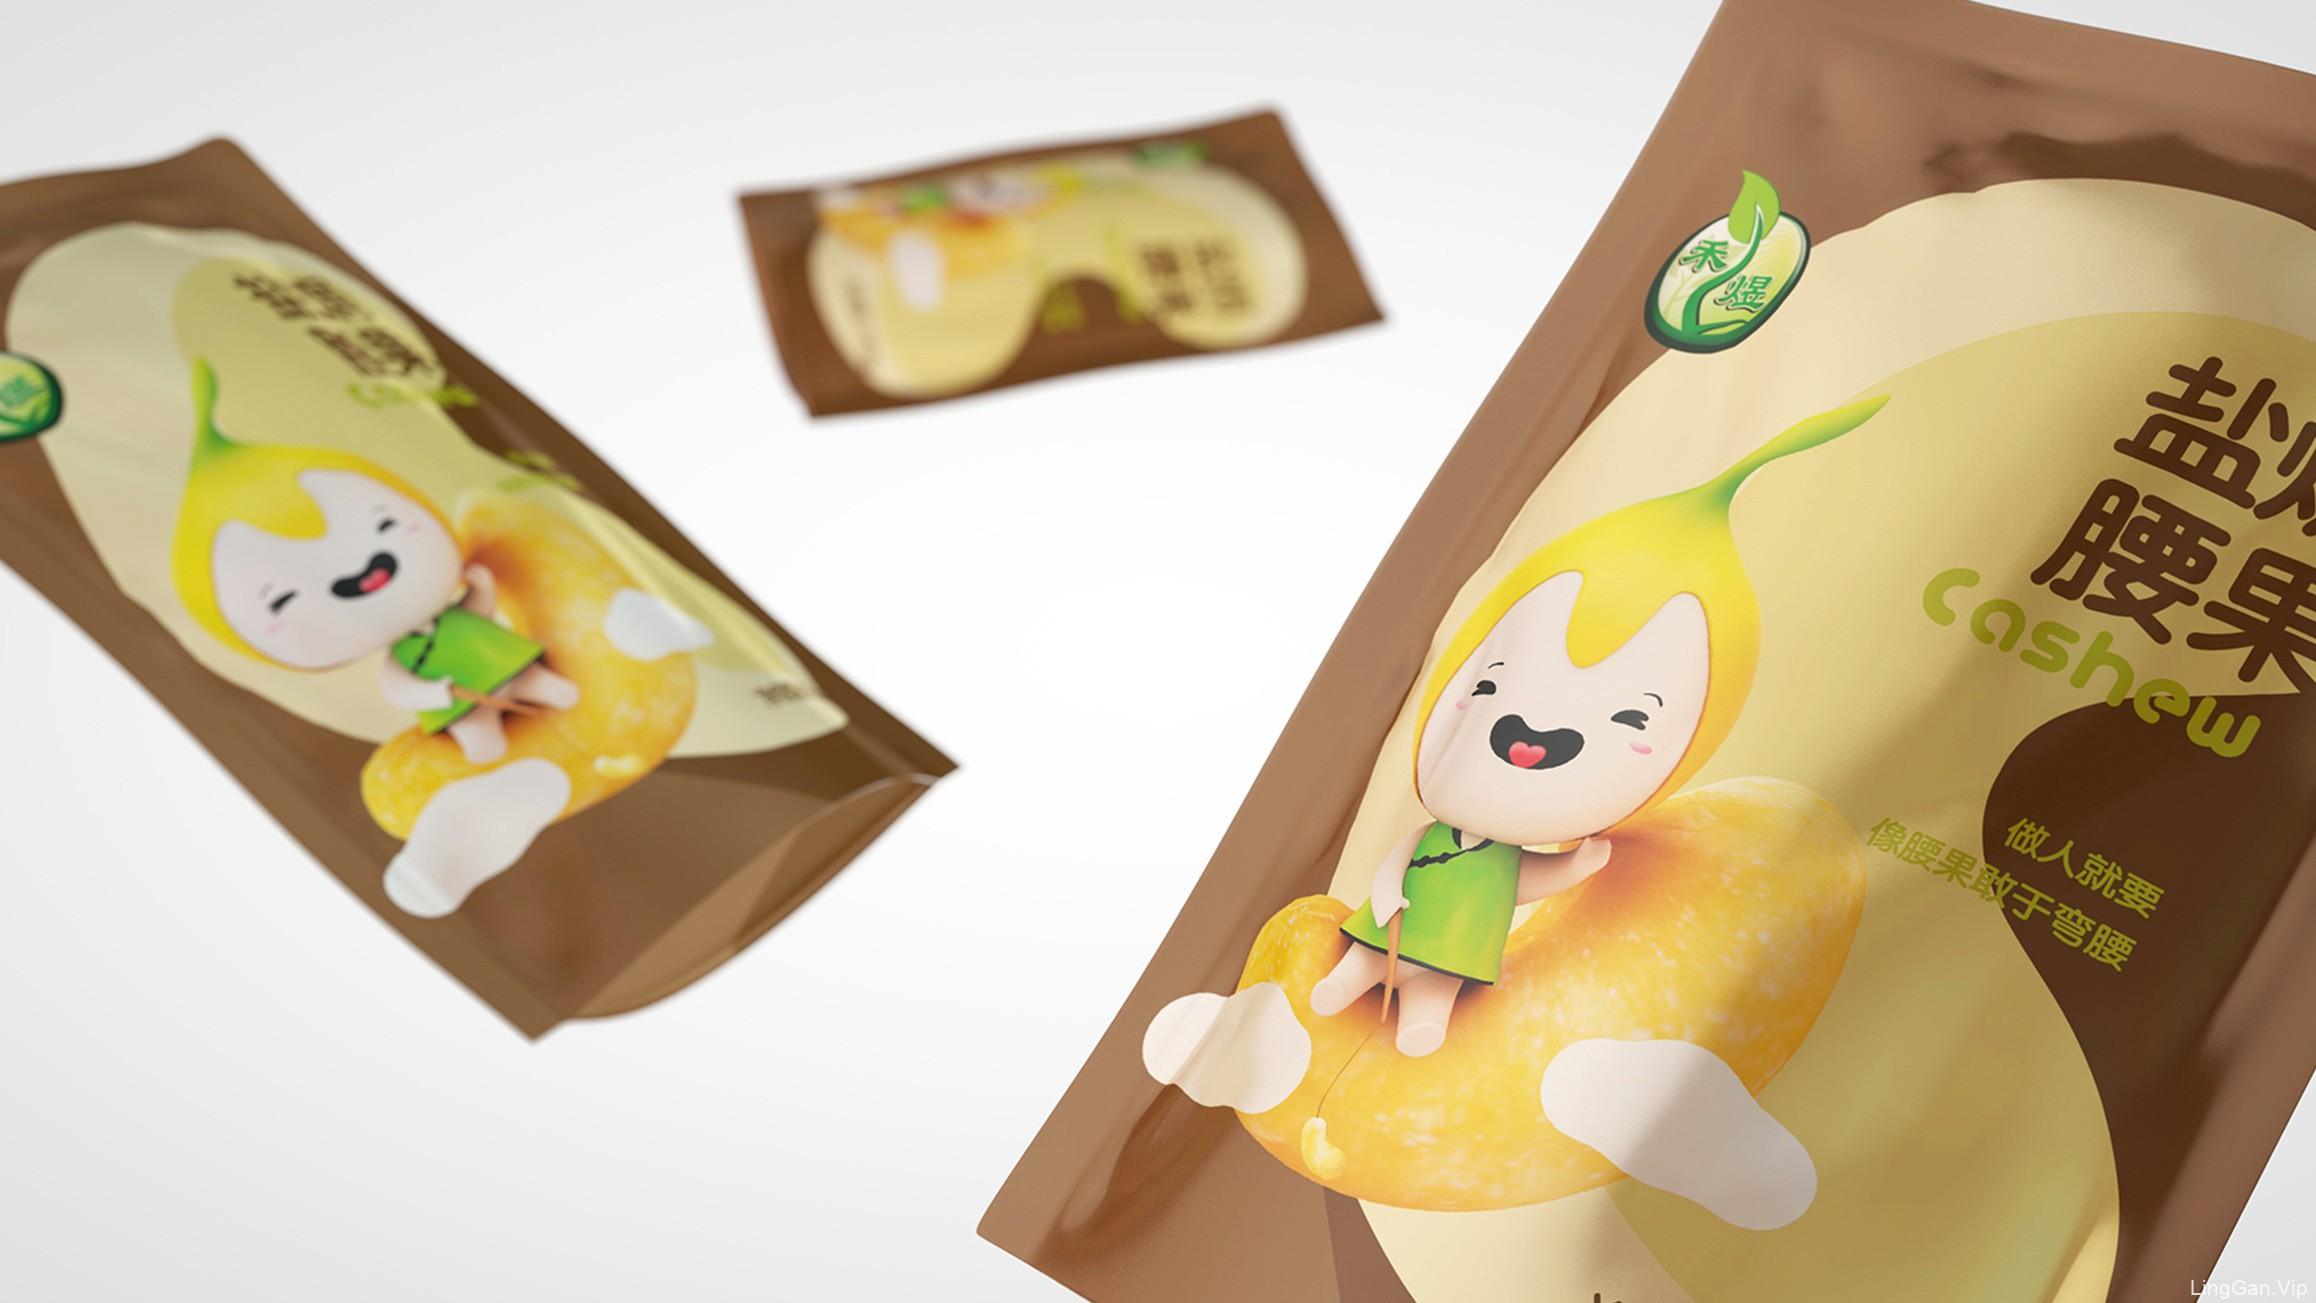 禾煜坚果系列包装设计